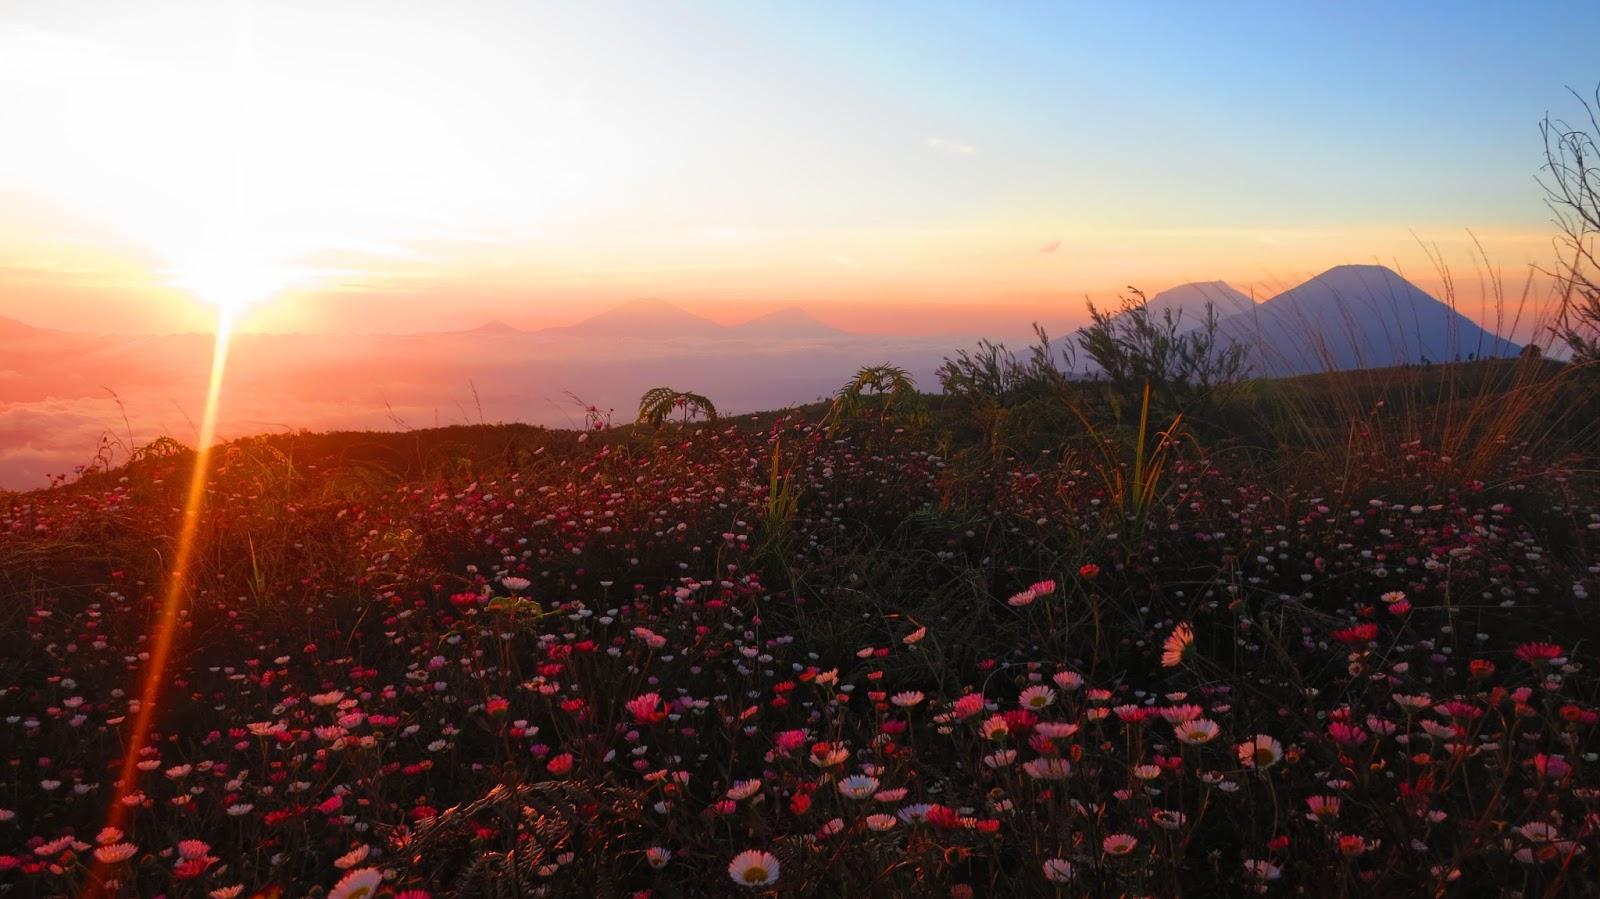 Gunung Prau Dieng: Tempat Paling Indah Dan Romantis Untuk Menikmati Sunrise paling indah saran perjalanan wisata